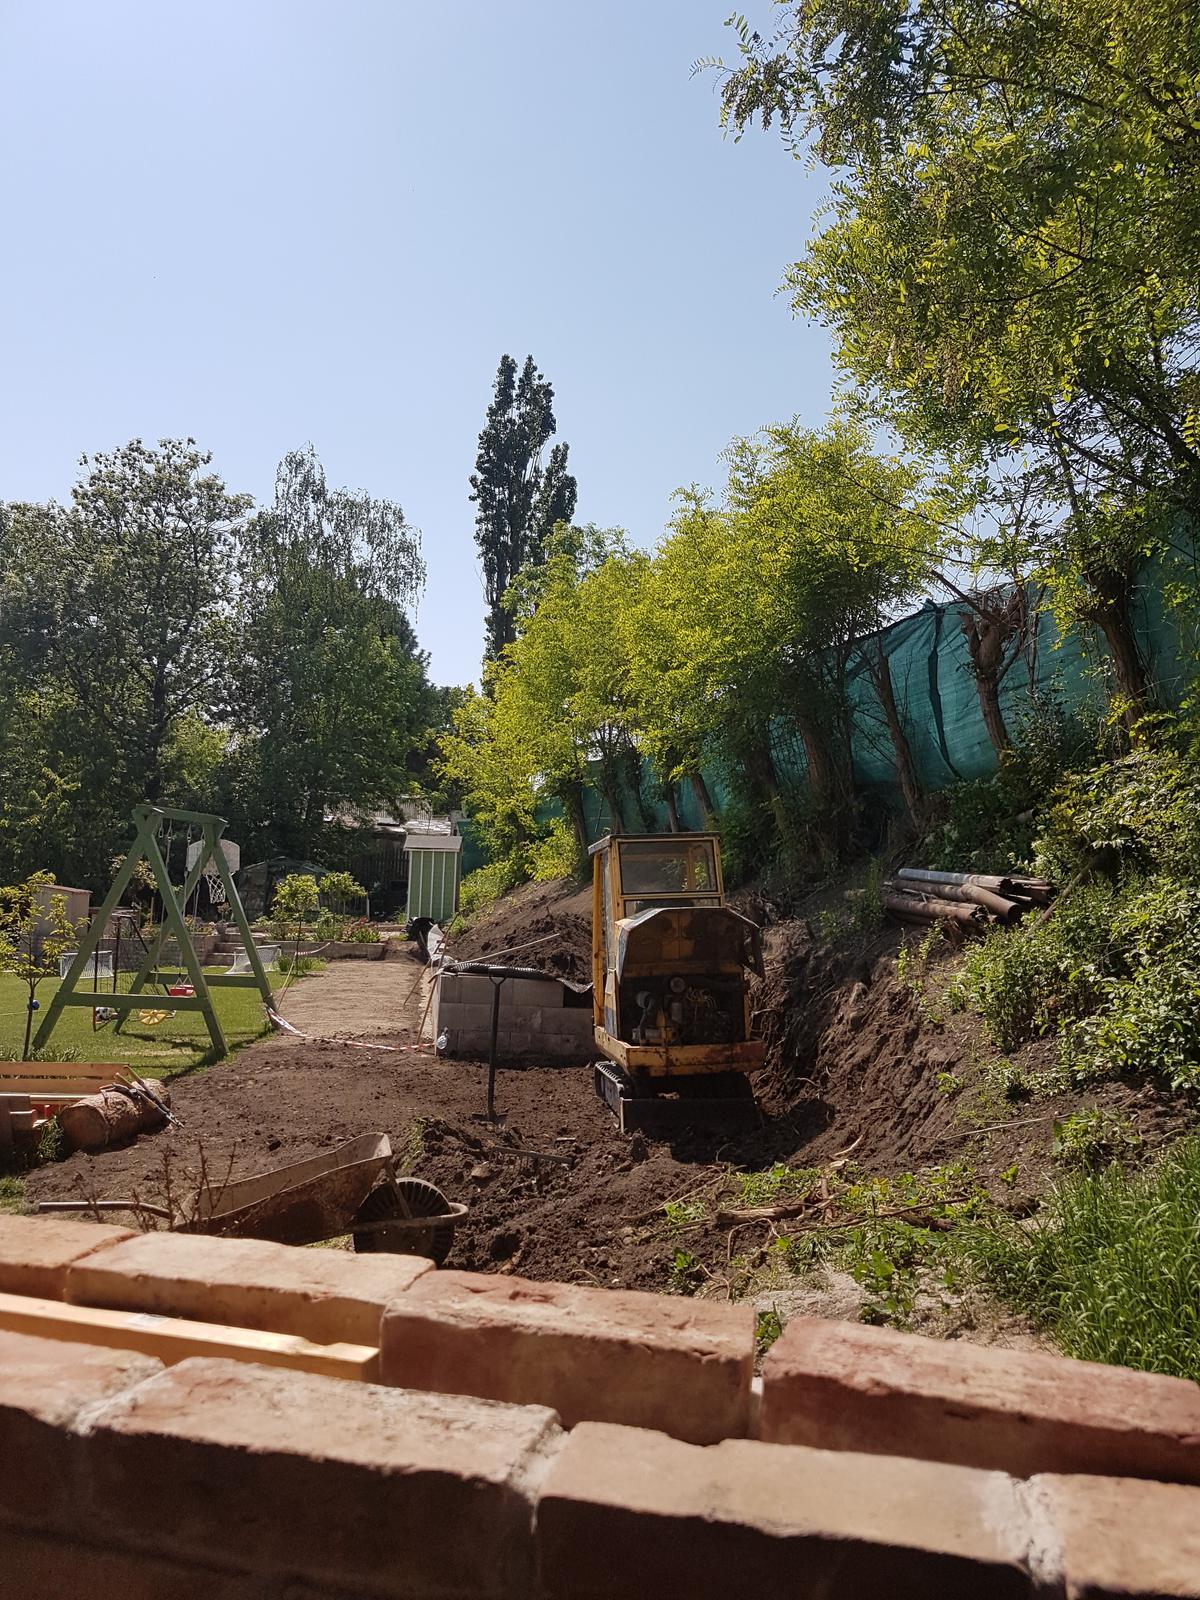 Drevník a kafé kútik - projekt roku  2018 - Obrázek č. 22